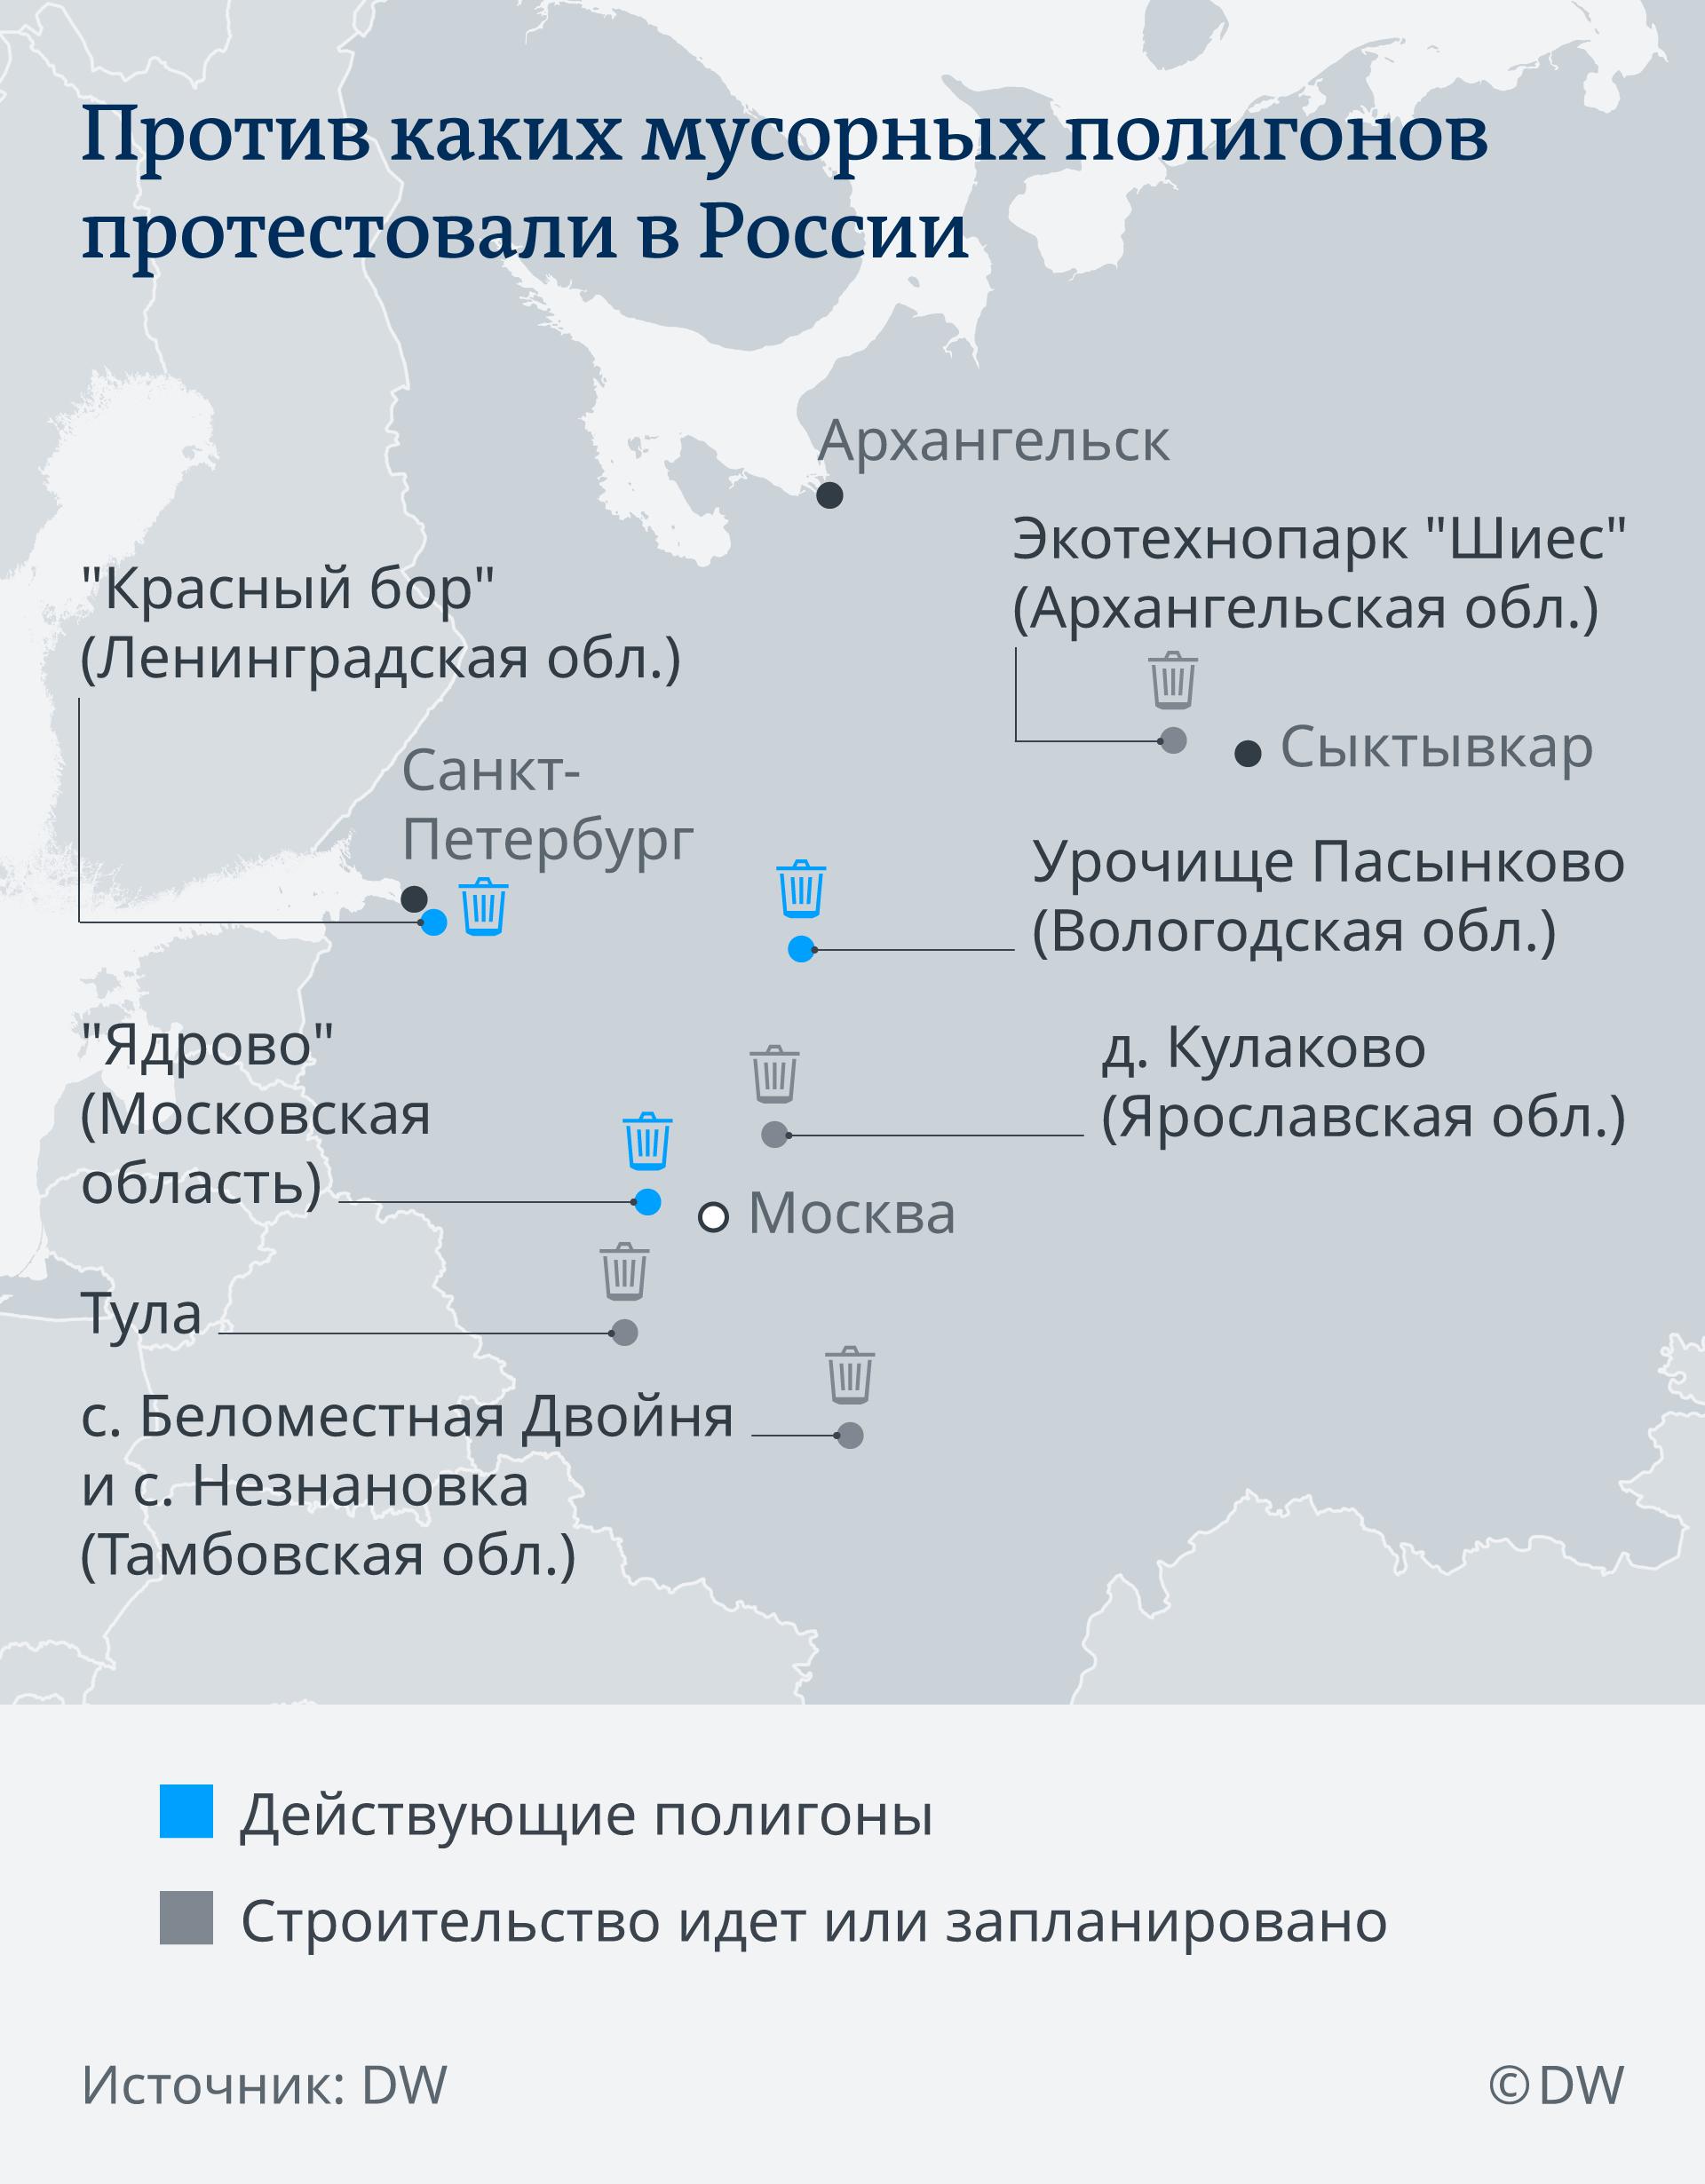 Инфографика: мусорные полигоны в России